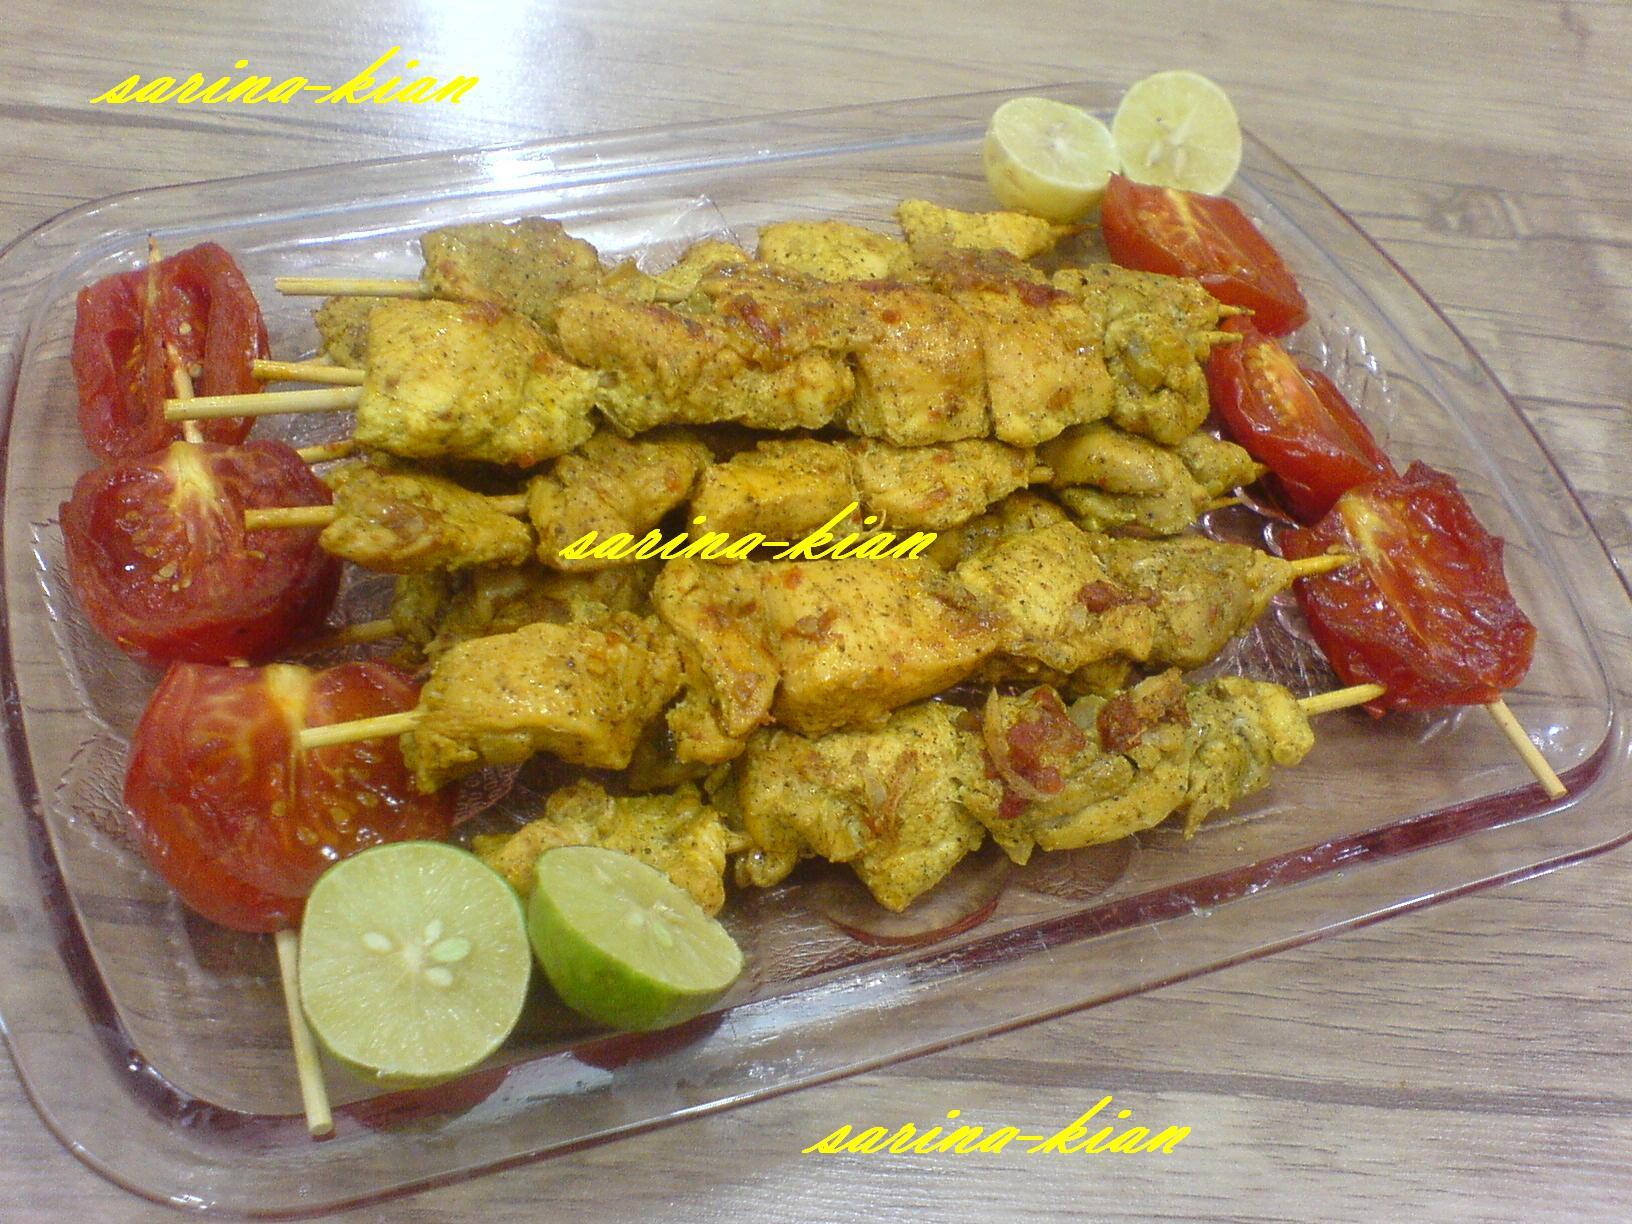 مطبخکده سارینا